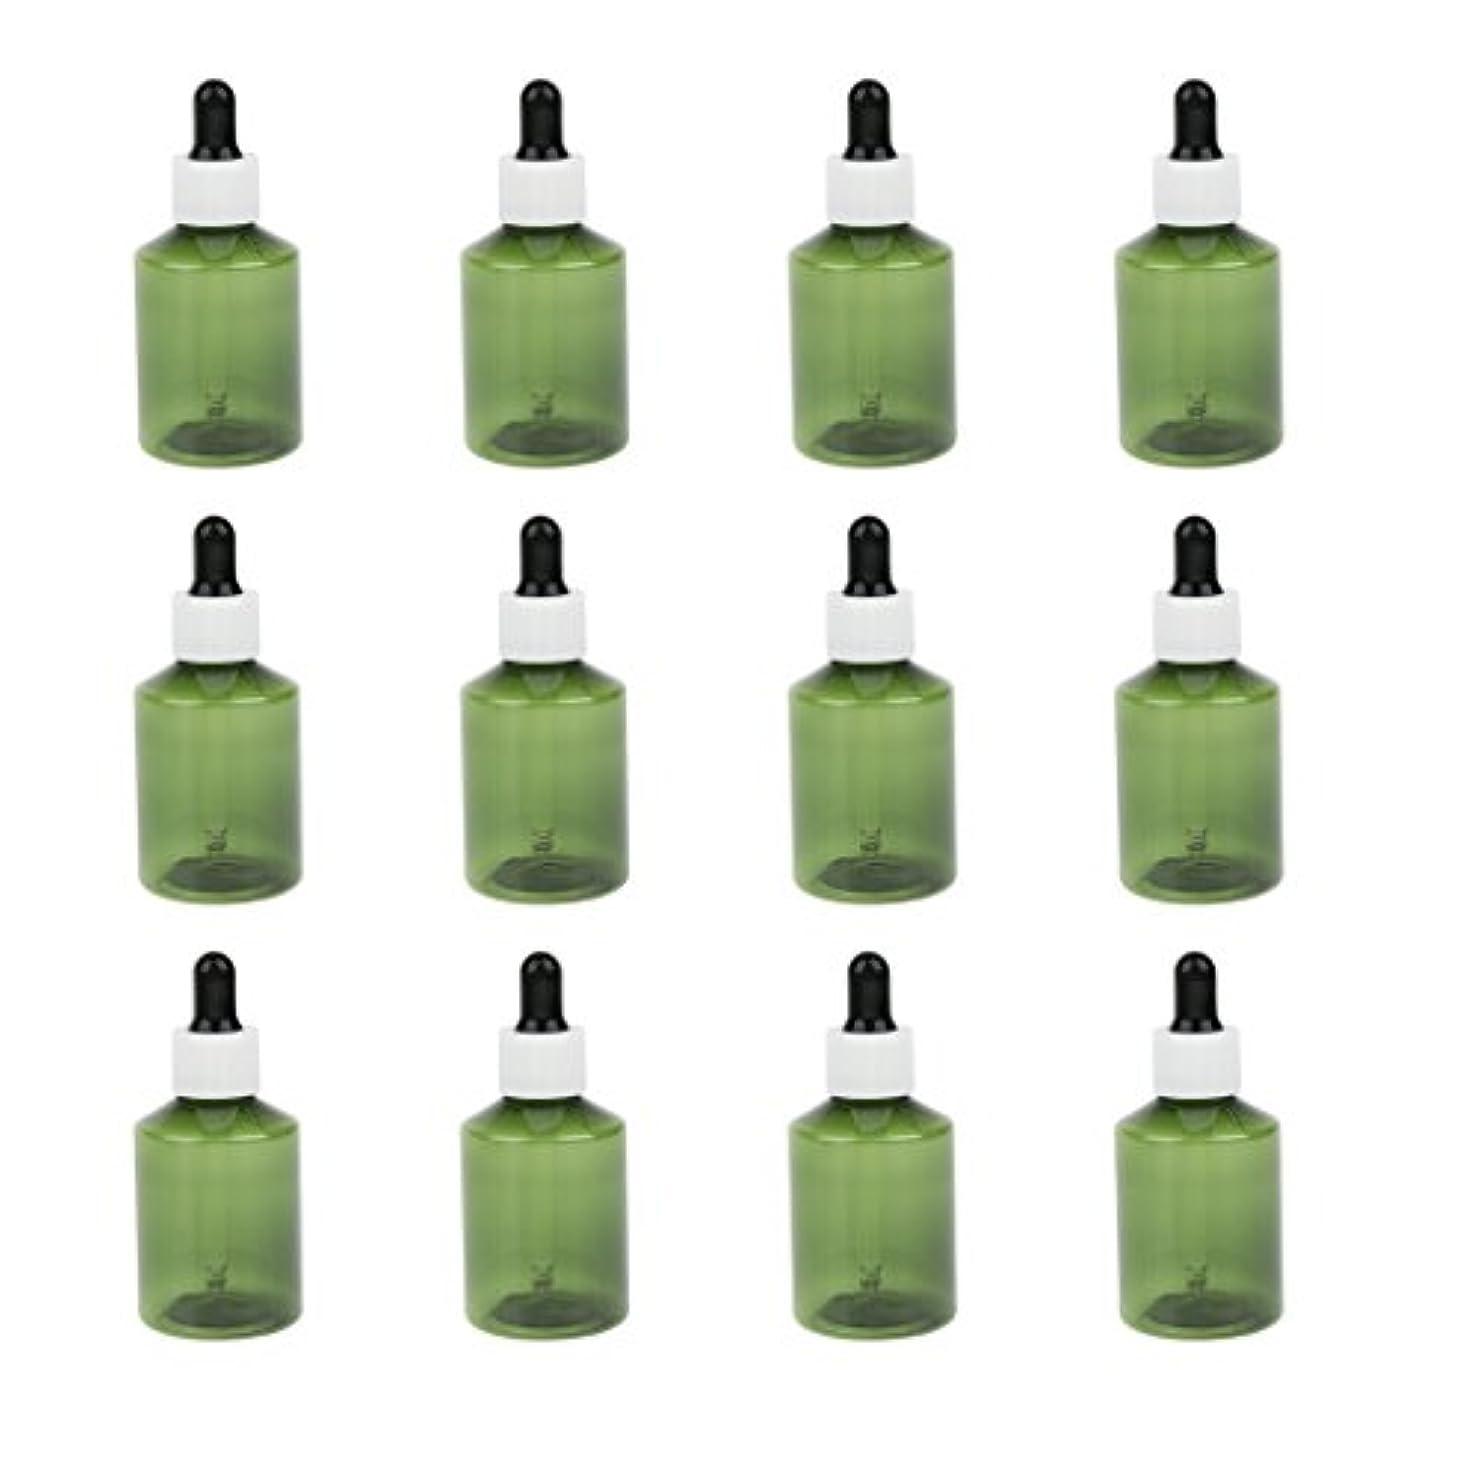 スパイ柔らかい野心ドロッパーボトル 詰め替え式 点滴びん 50ml エッセンシャルオイル 精油 6仕様選べ - ホワイトキャップブラックドロッパー